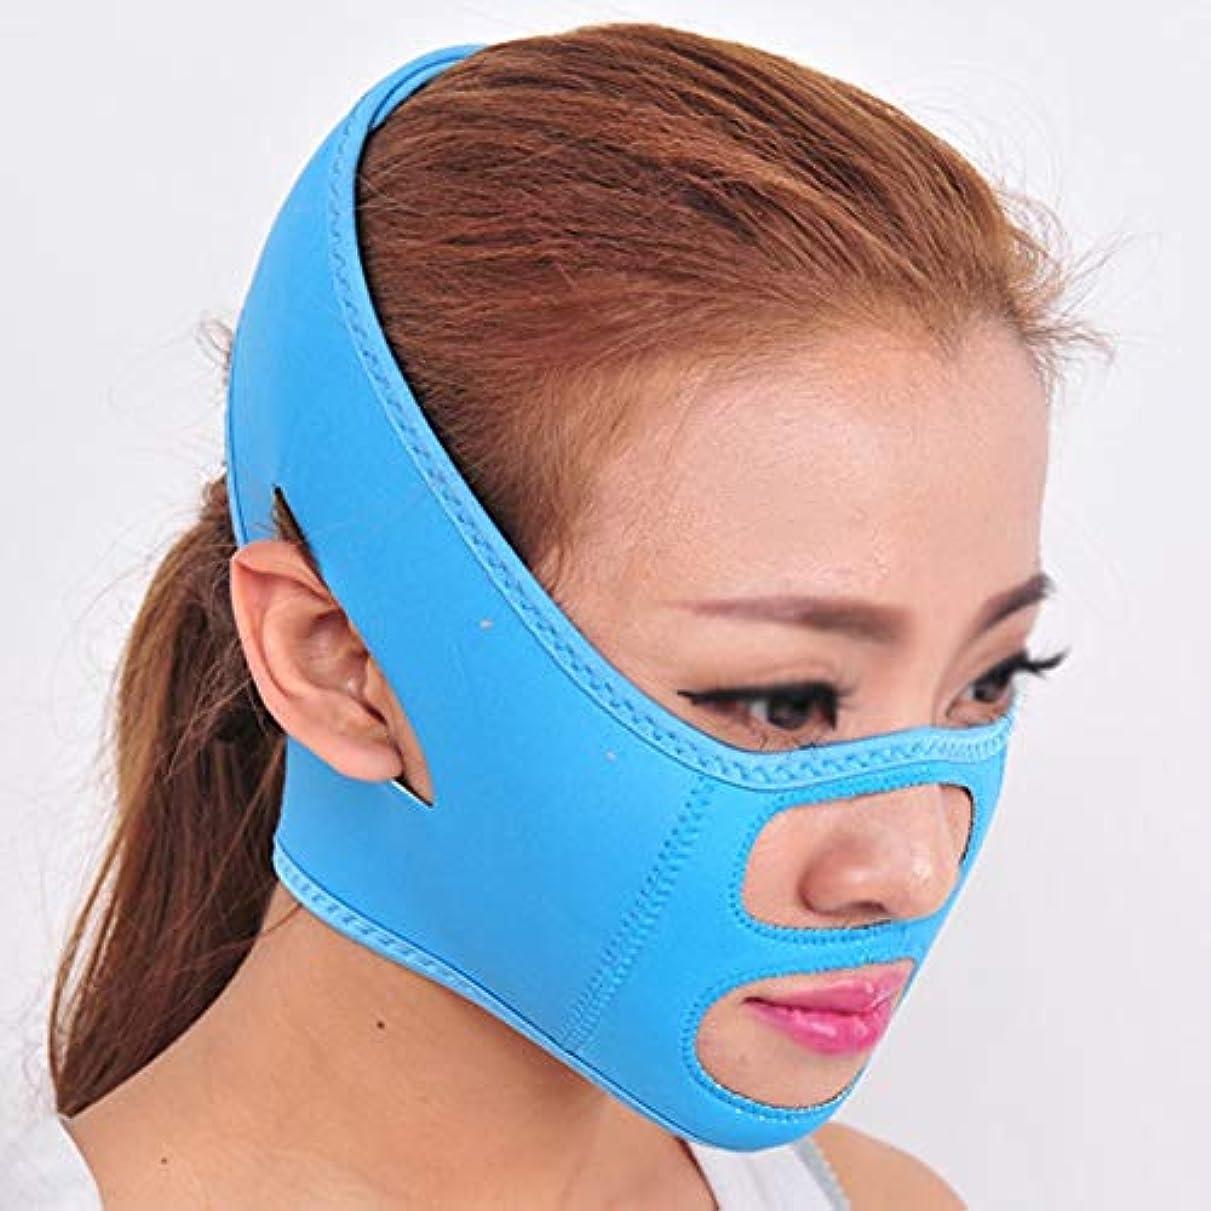 ガス頂点象XHLMRMJ あごのストラップ、フェイスリフティングマスク、二重あご、フェイスリフティングに最適、リフティングフェイシャルスキン、フェイシャル減量マスク、フェイスリフティングベルト(フリーサイズ) (Color : Blue)